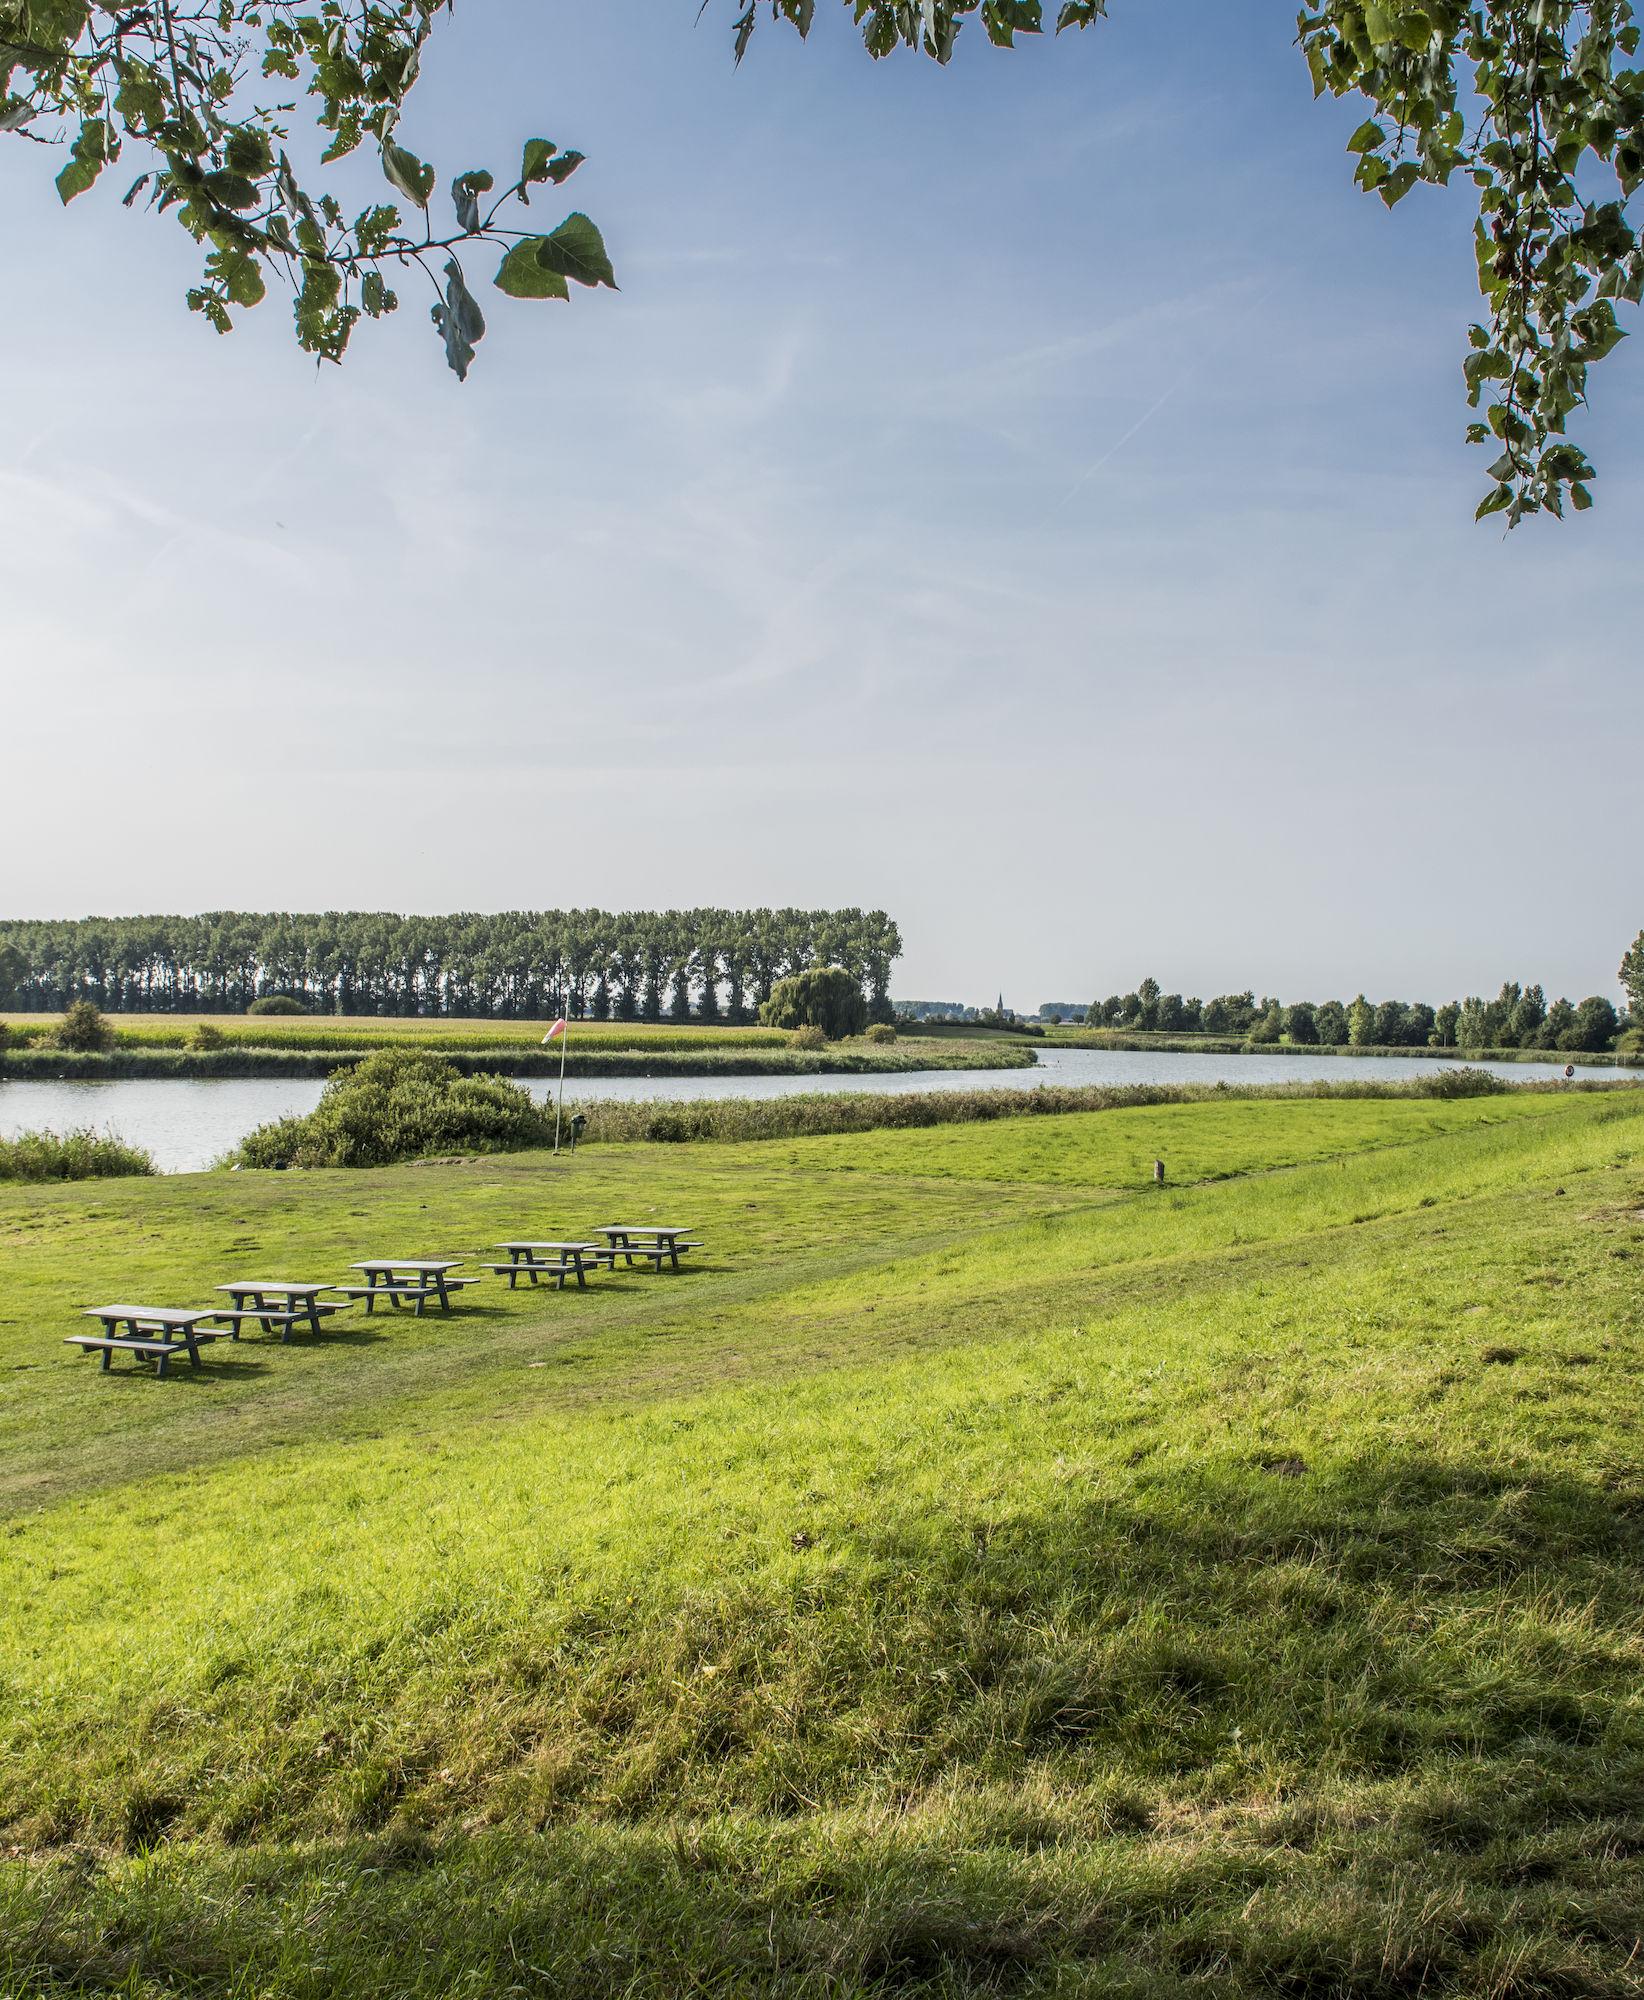 170826-Boerekreek-OVL-zomert-3.jpg